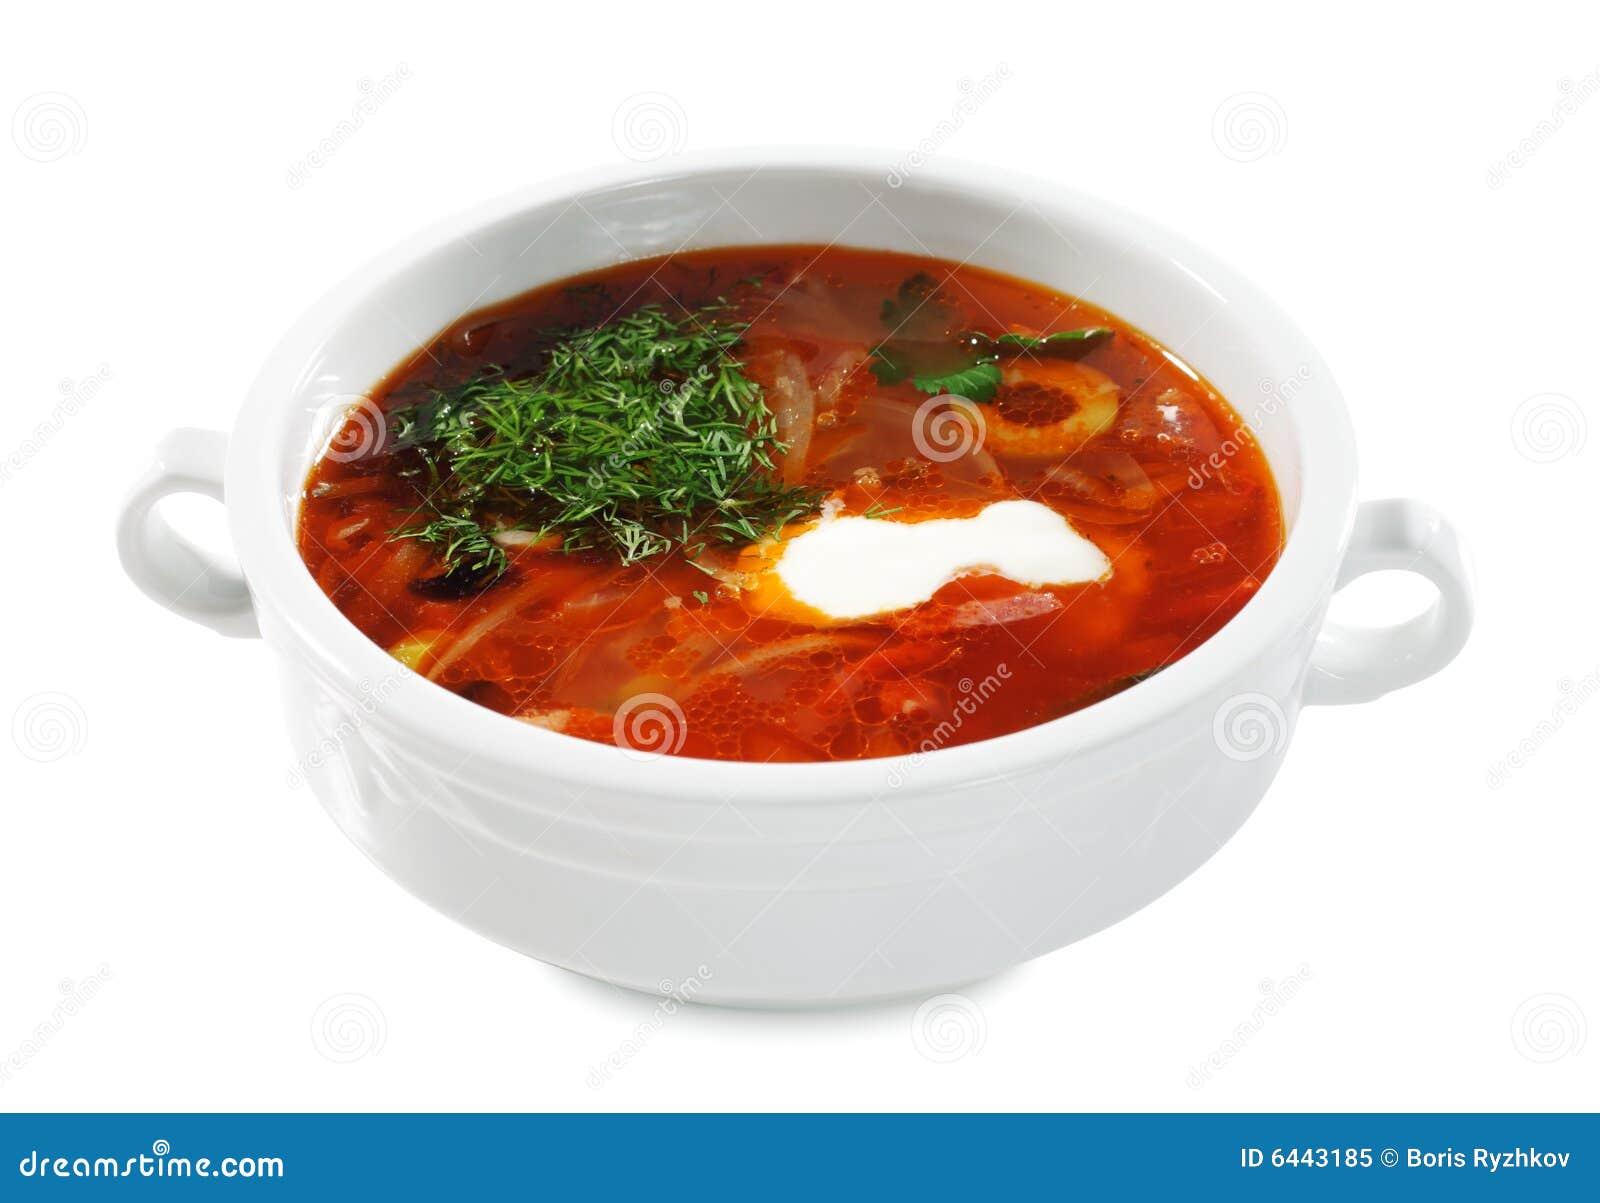 Kuchnia po rosyjsku Solyanka ukraińska zupy